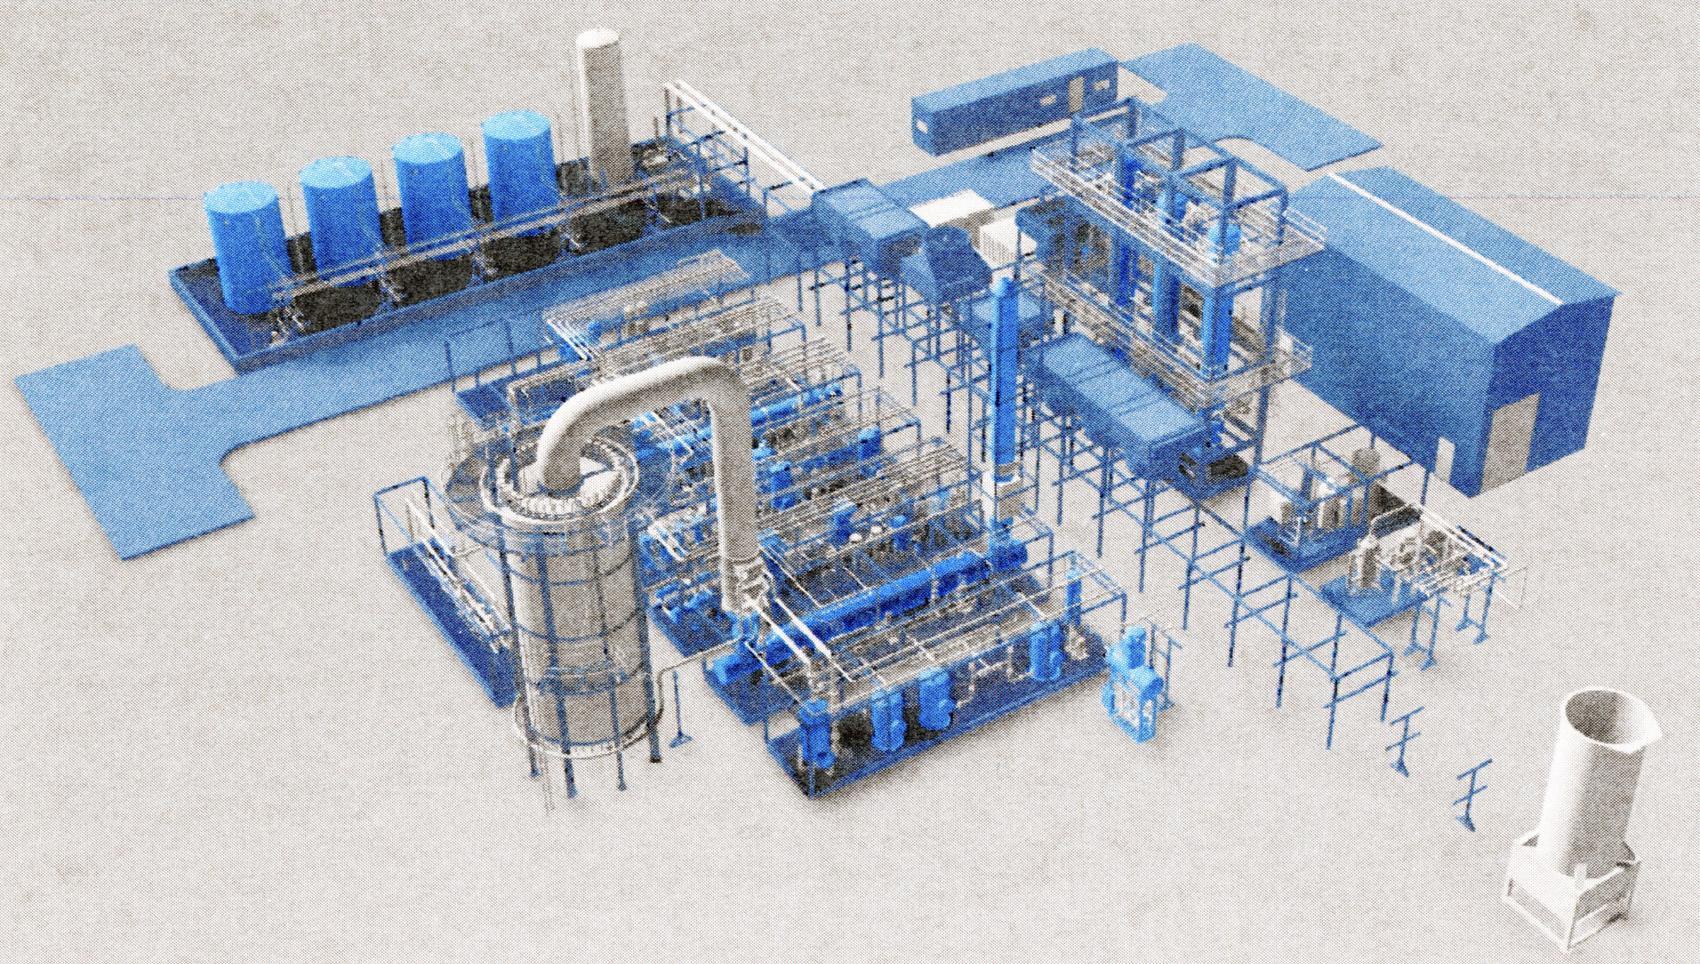 Engineering underway for GTL plant